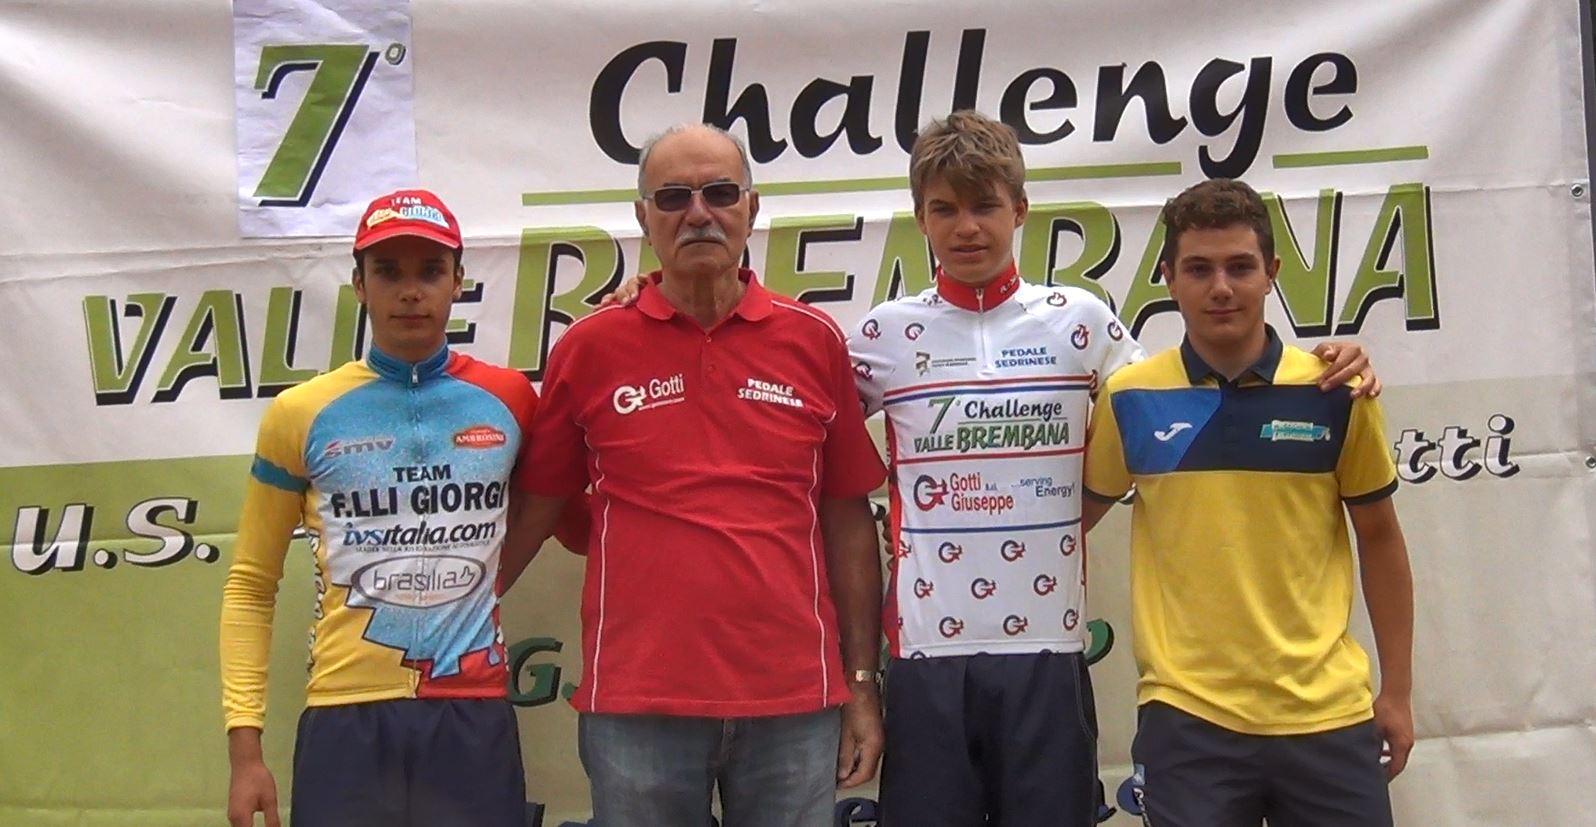 Il podio di Brembilla e della Challenge Valle Brembana con Vacek leader